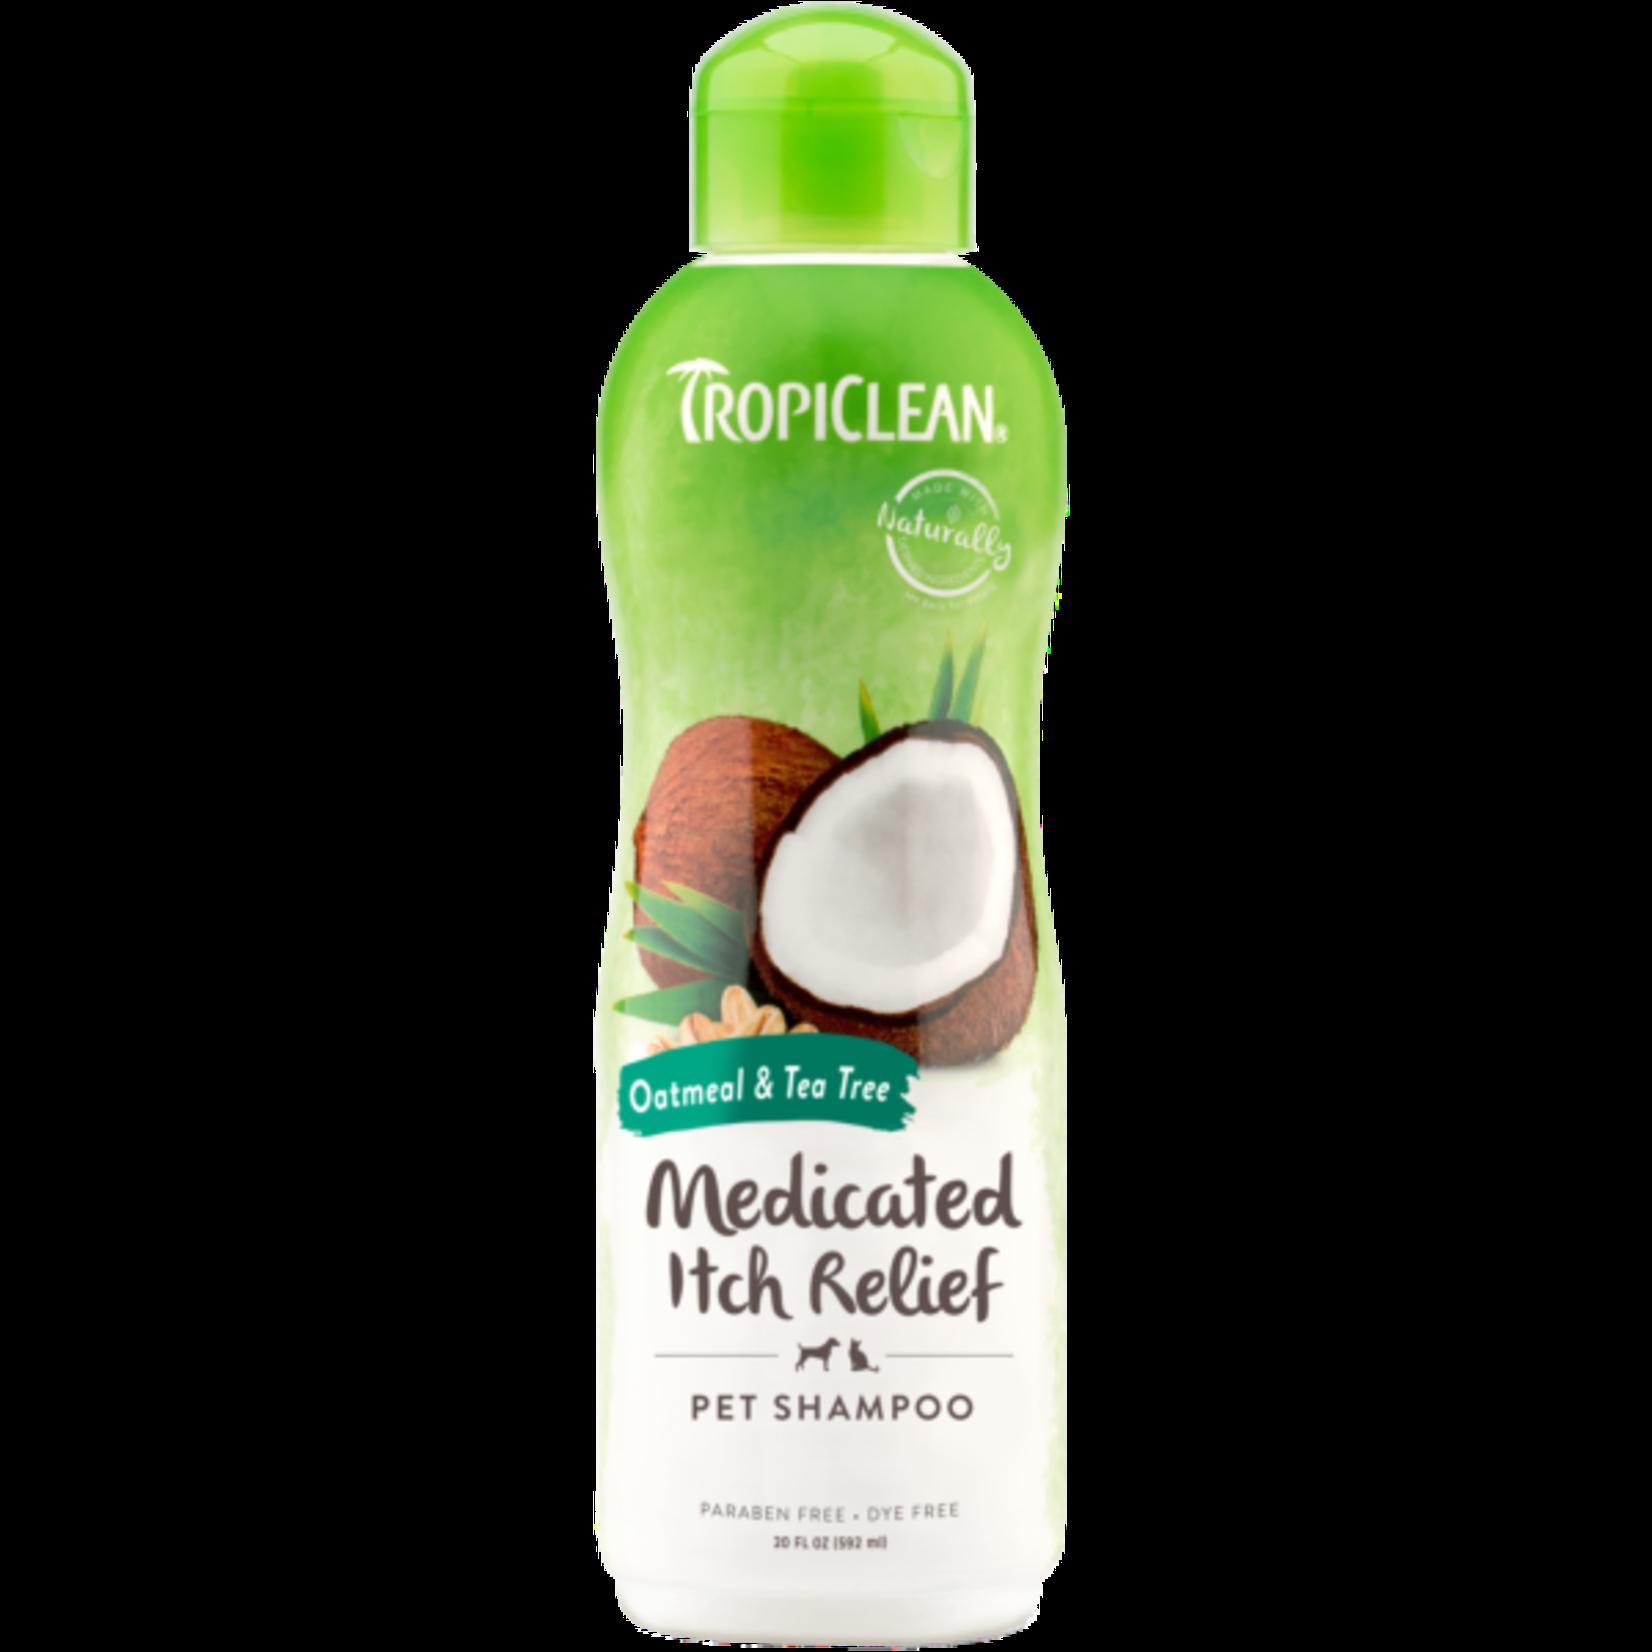 Tropiclean Oatmeal Medicated Shampoo 20 oz